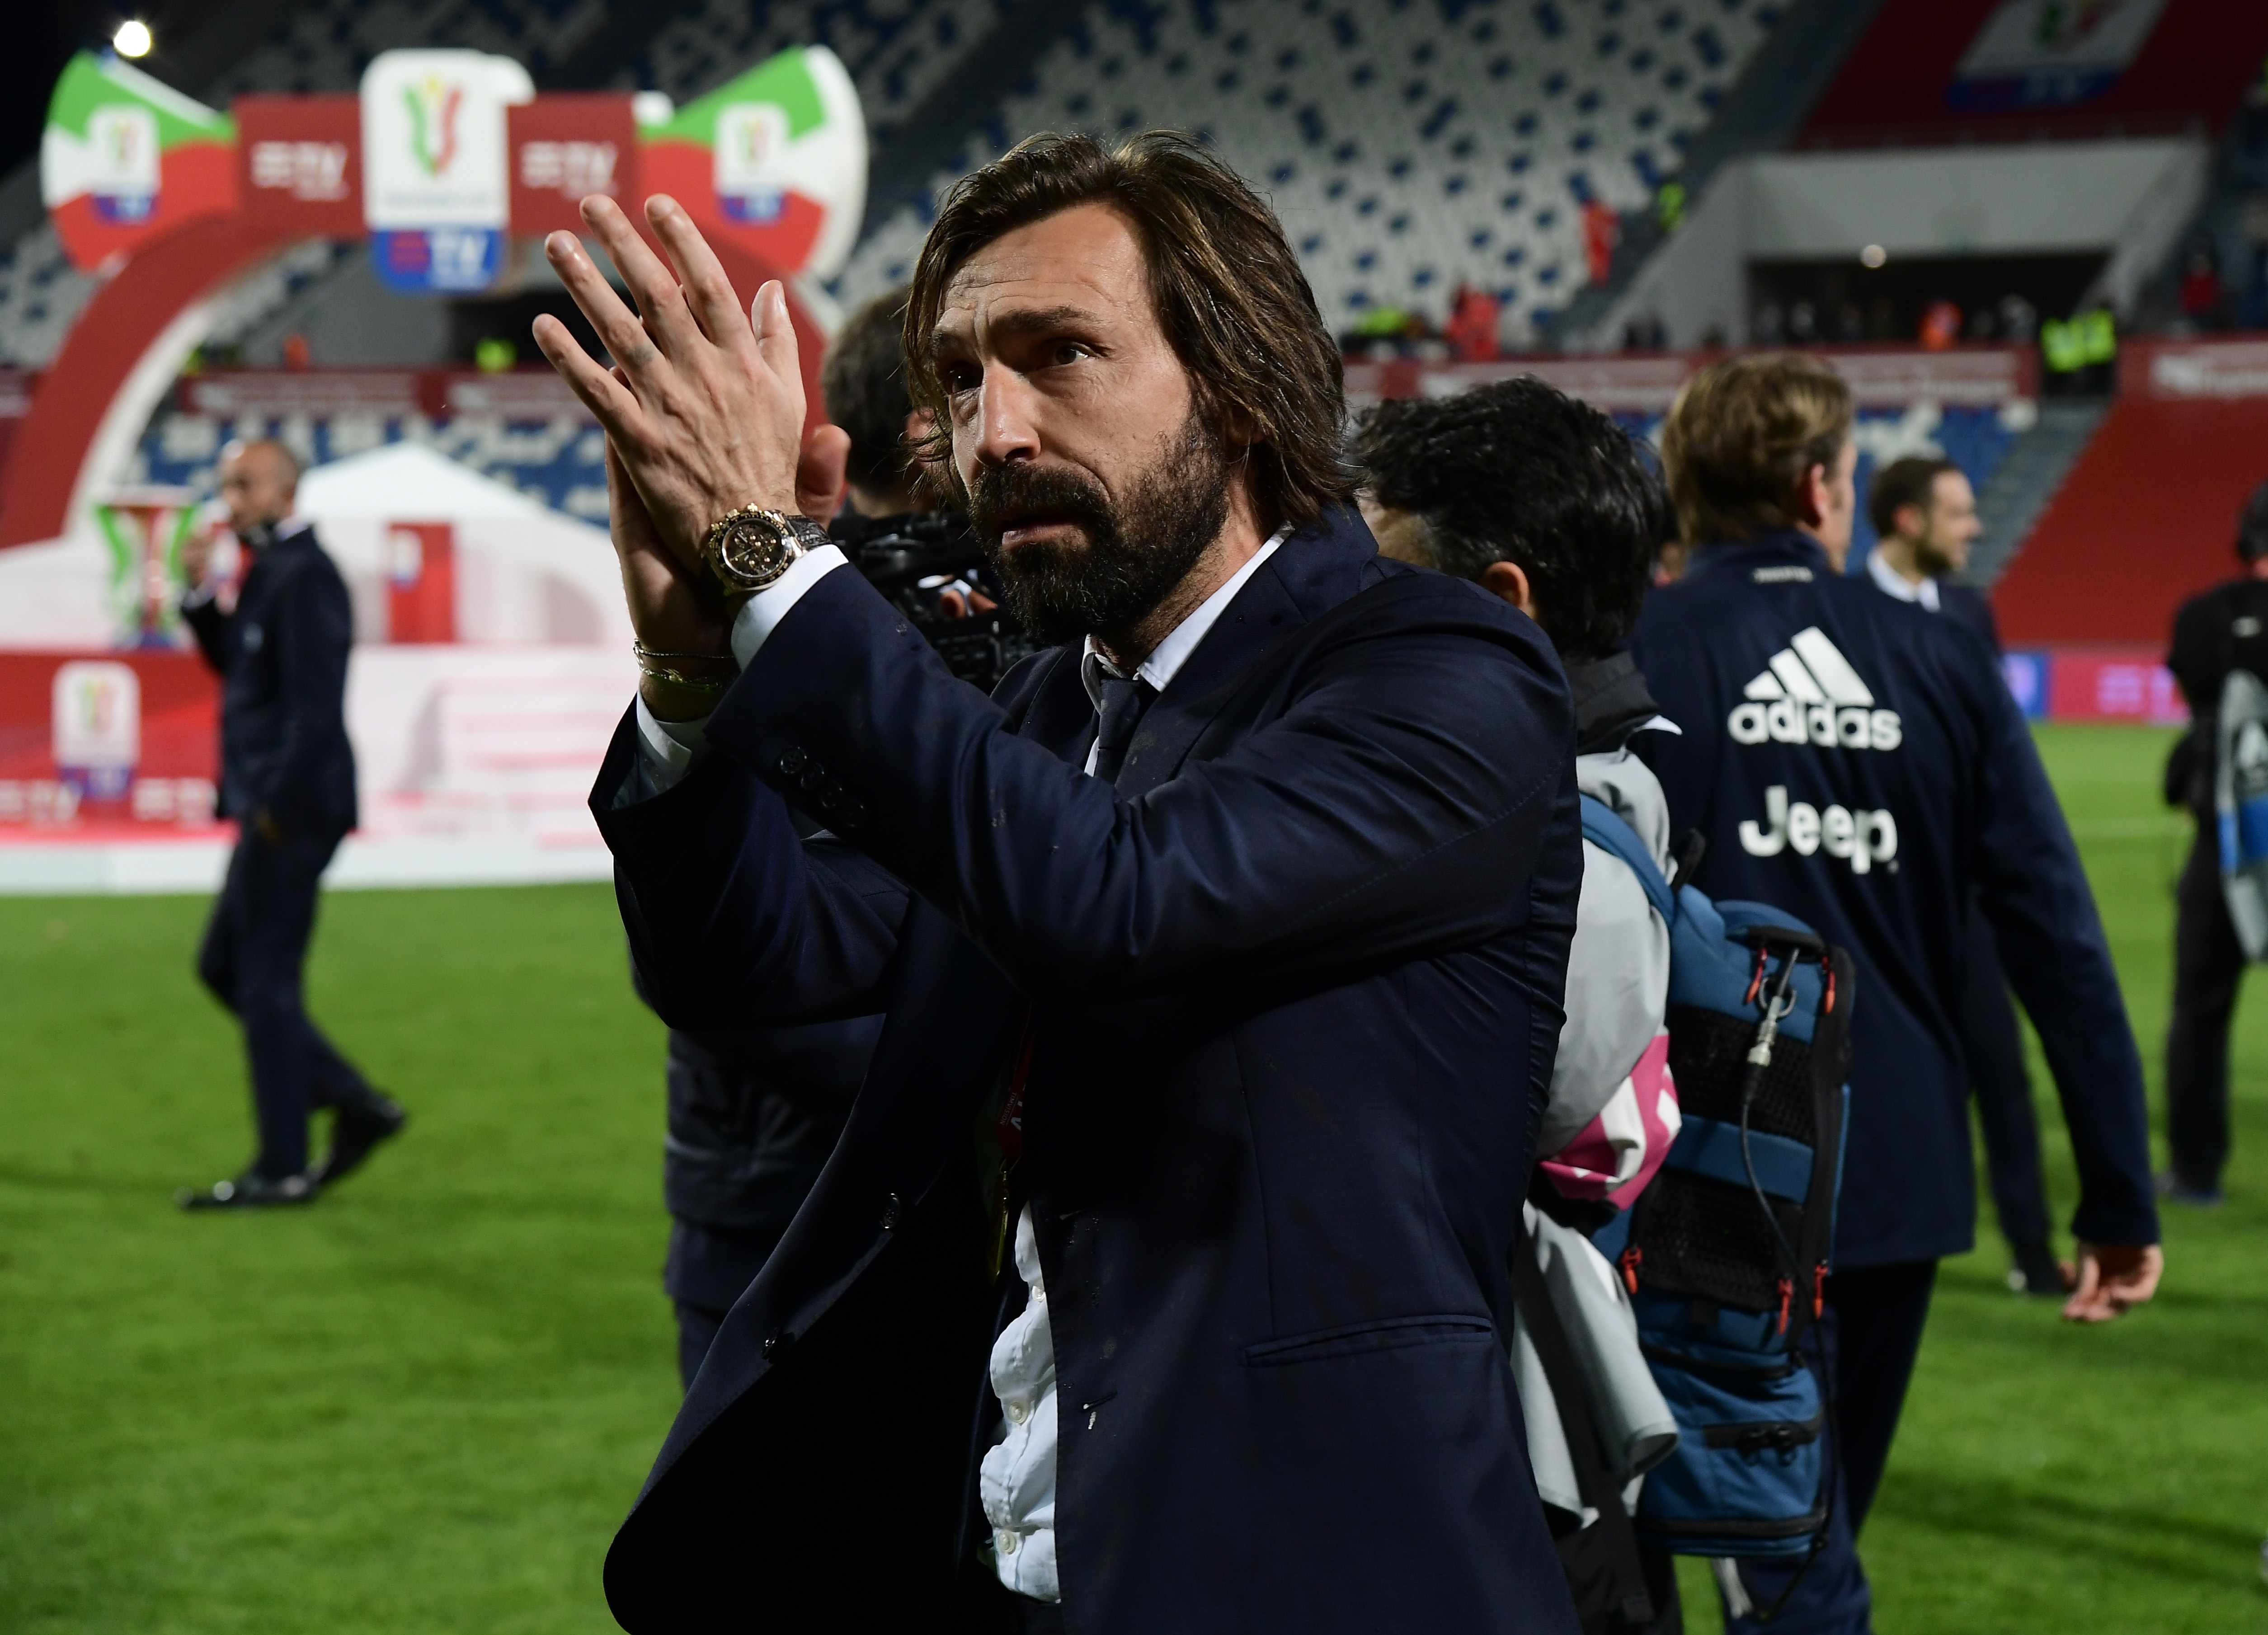 Atalanta BC v Juventus - TIMVISION Cup Final